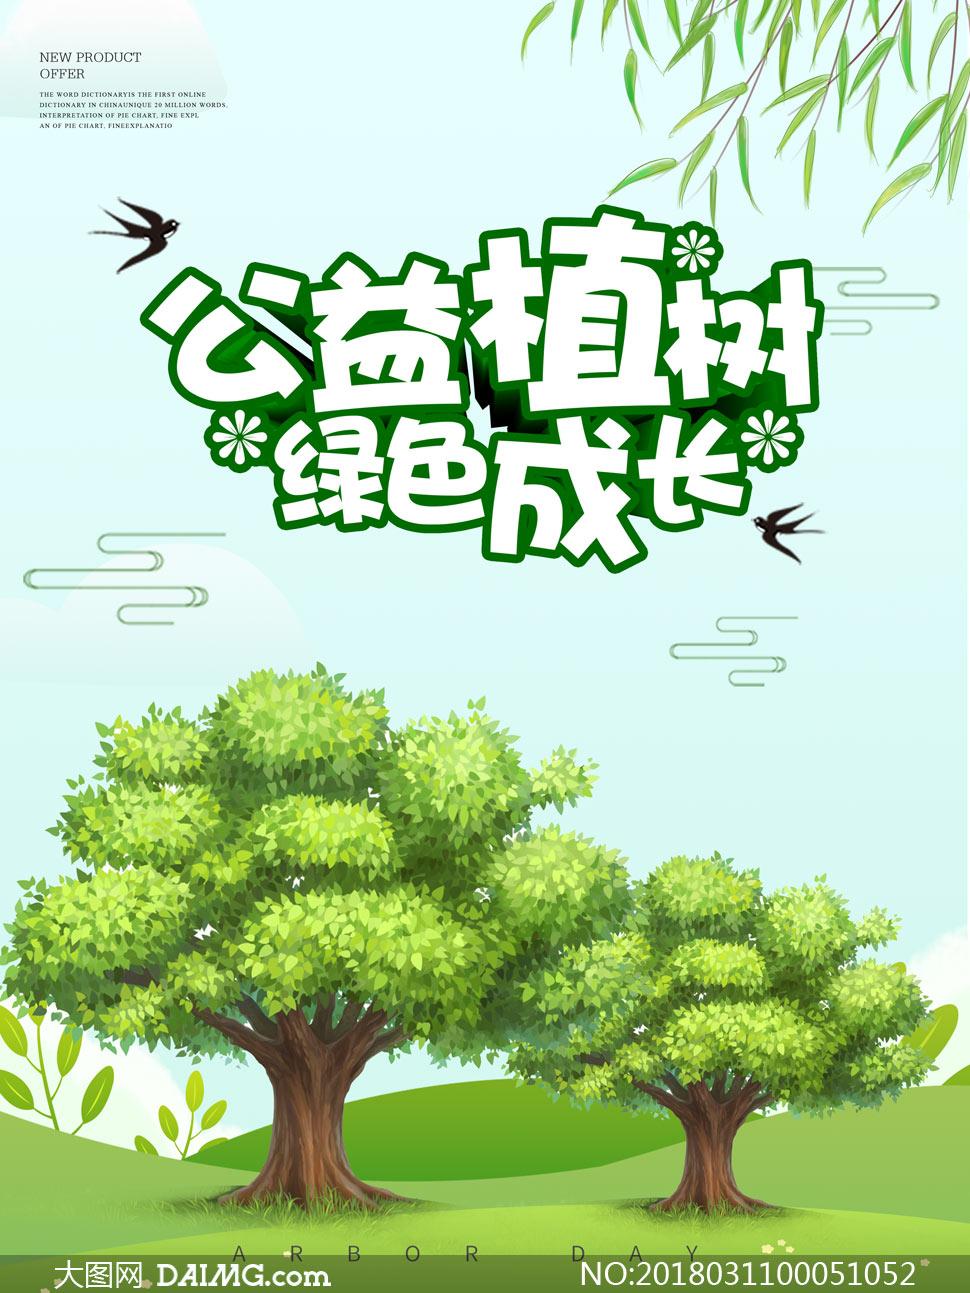 公益植树节宣传海报PSD源文件